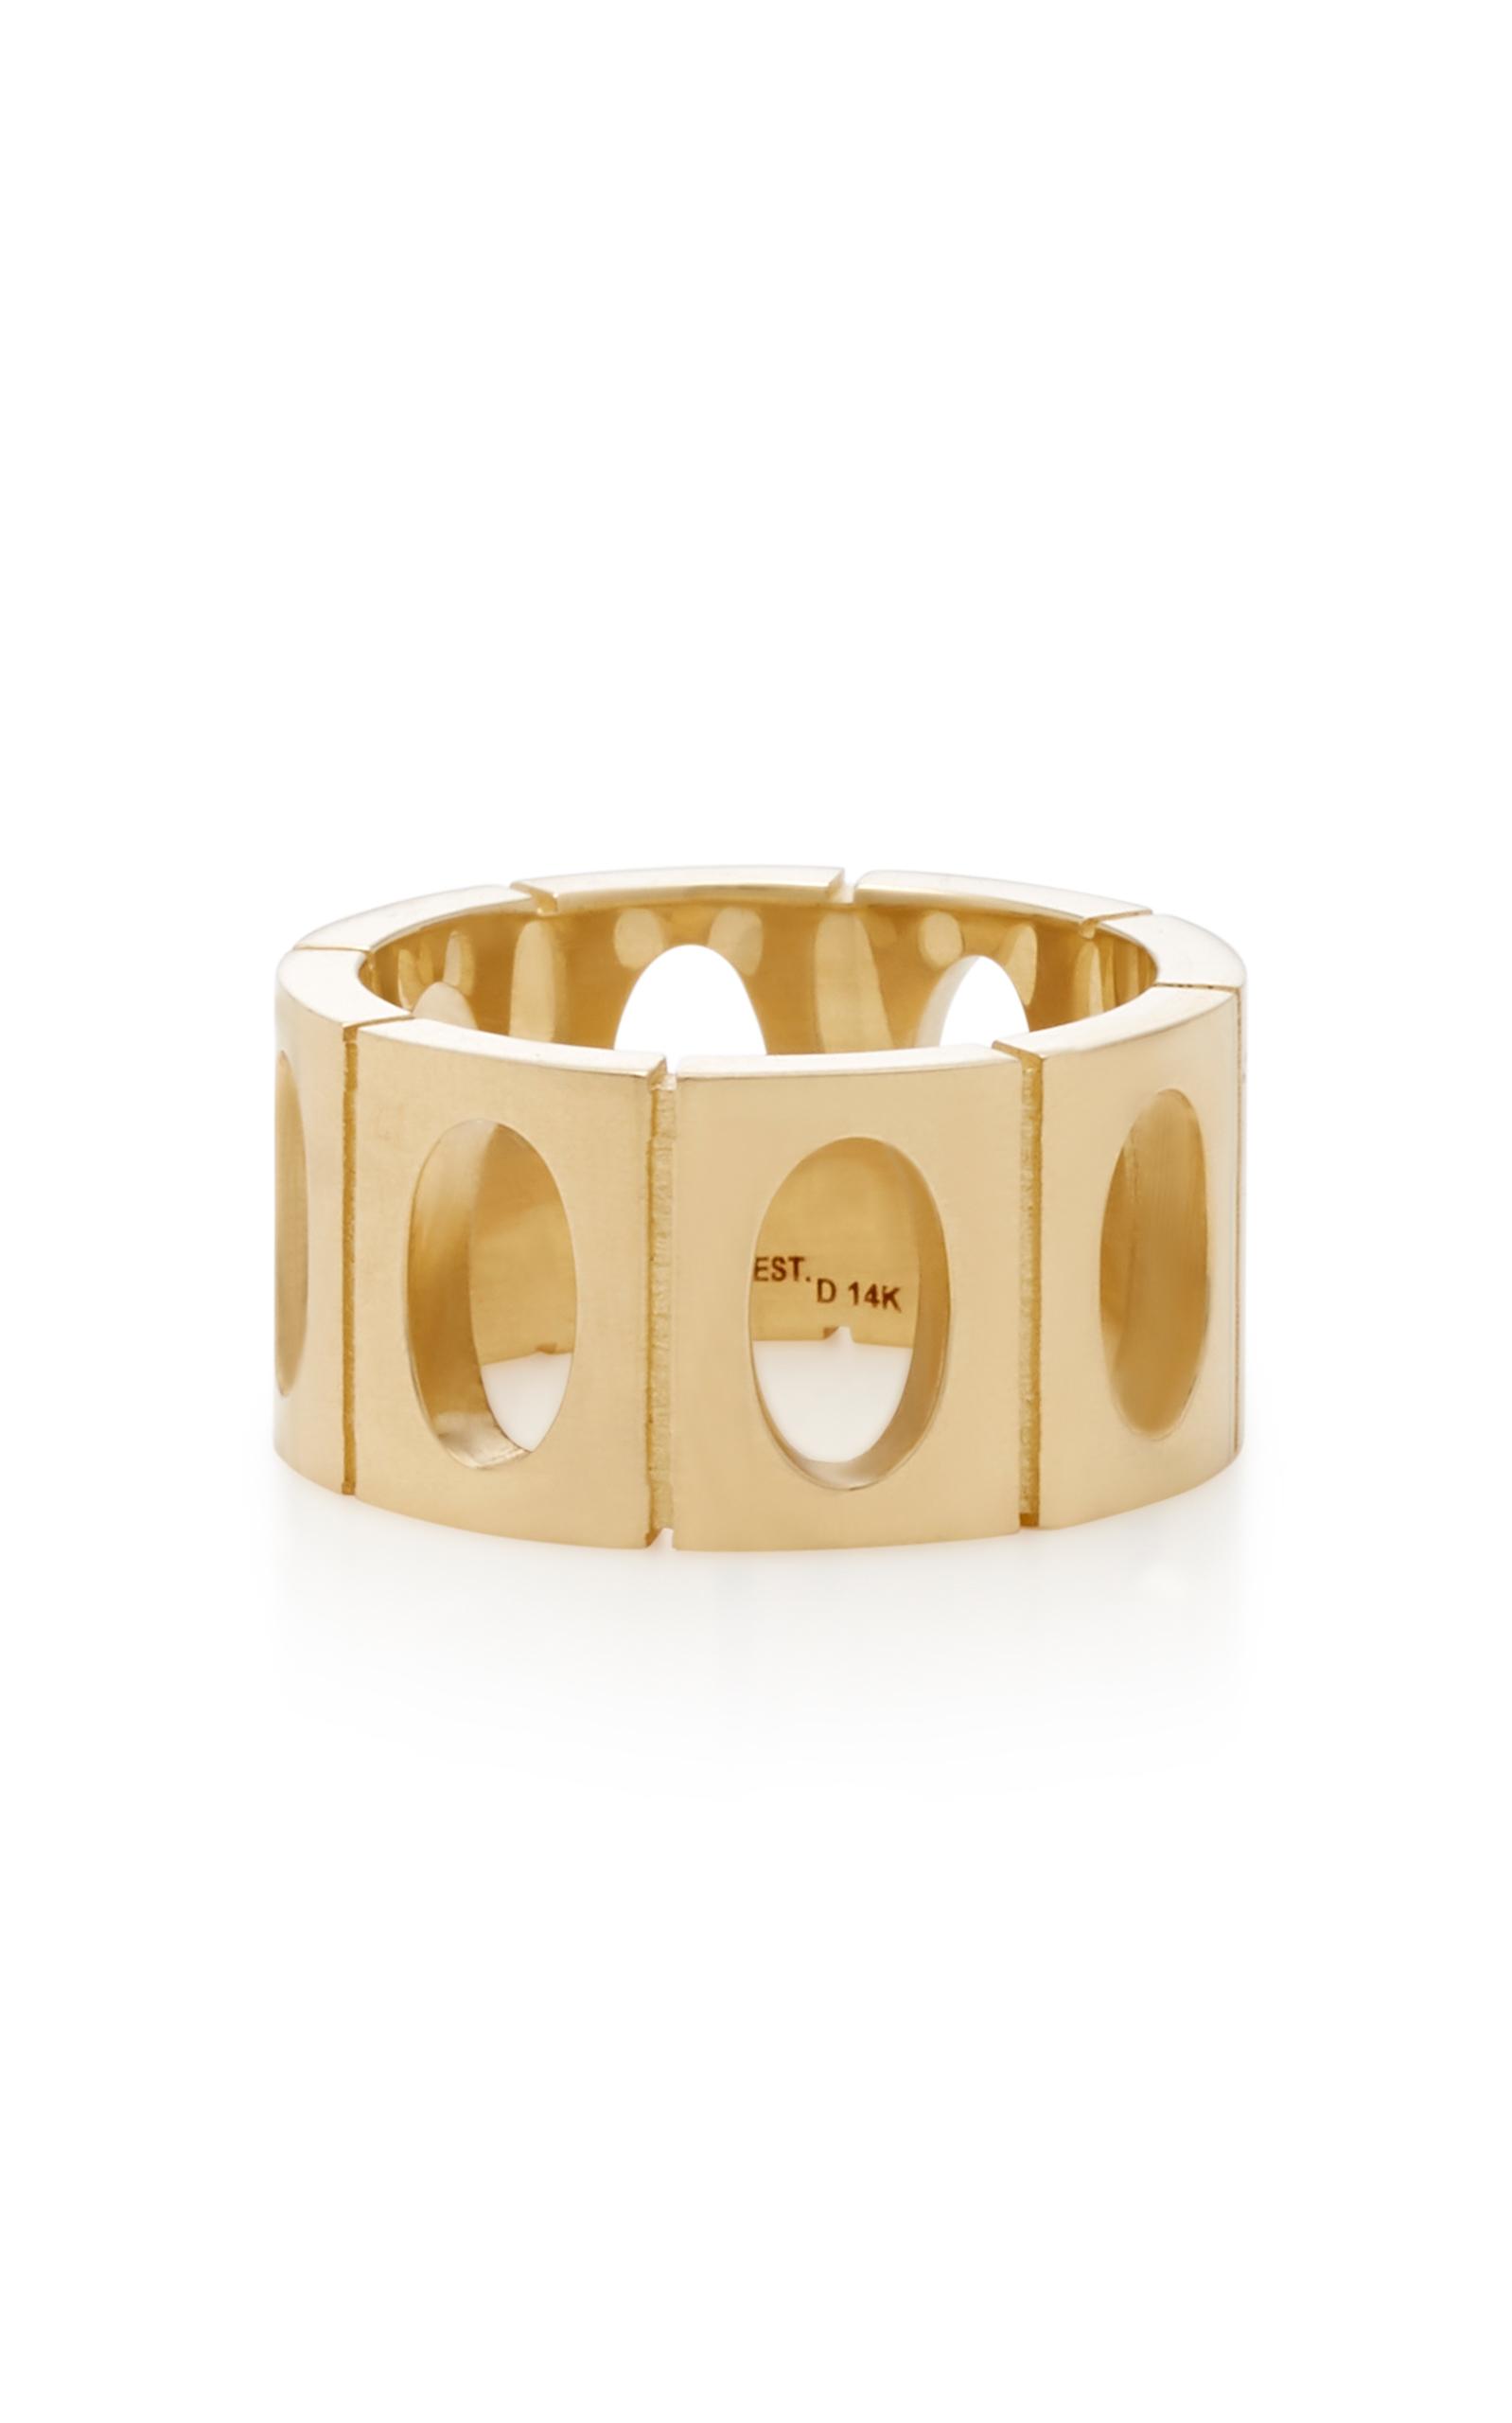 18K Gold Oval Link Ring Established 1xuFrB5AiG